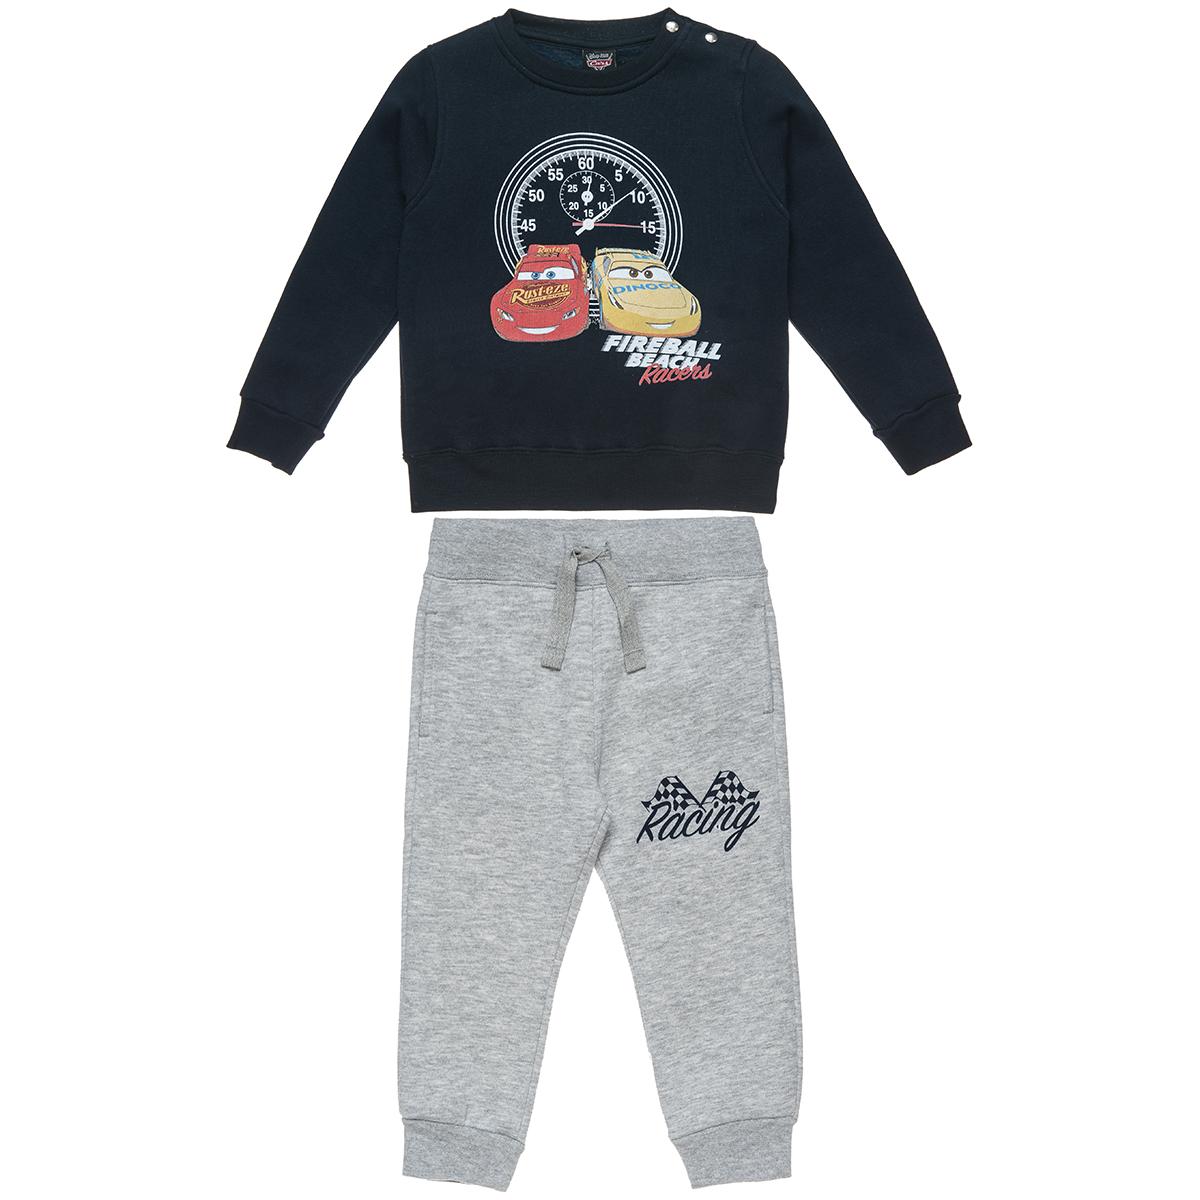 Σετ Φόρμας Disney Cars μπλούζα με τύπωμα και παντελόνι μελανζέ με λάστιχο (Αγόρι 2-6 ετών) 00330417 - Μπλε - 3982-0002/3/10/102